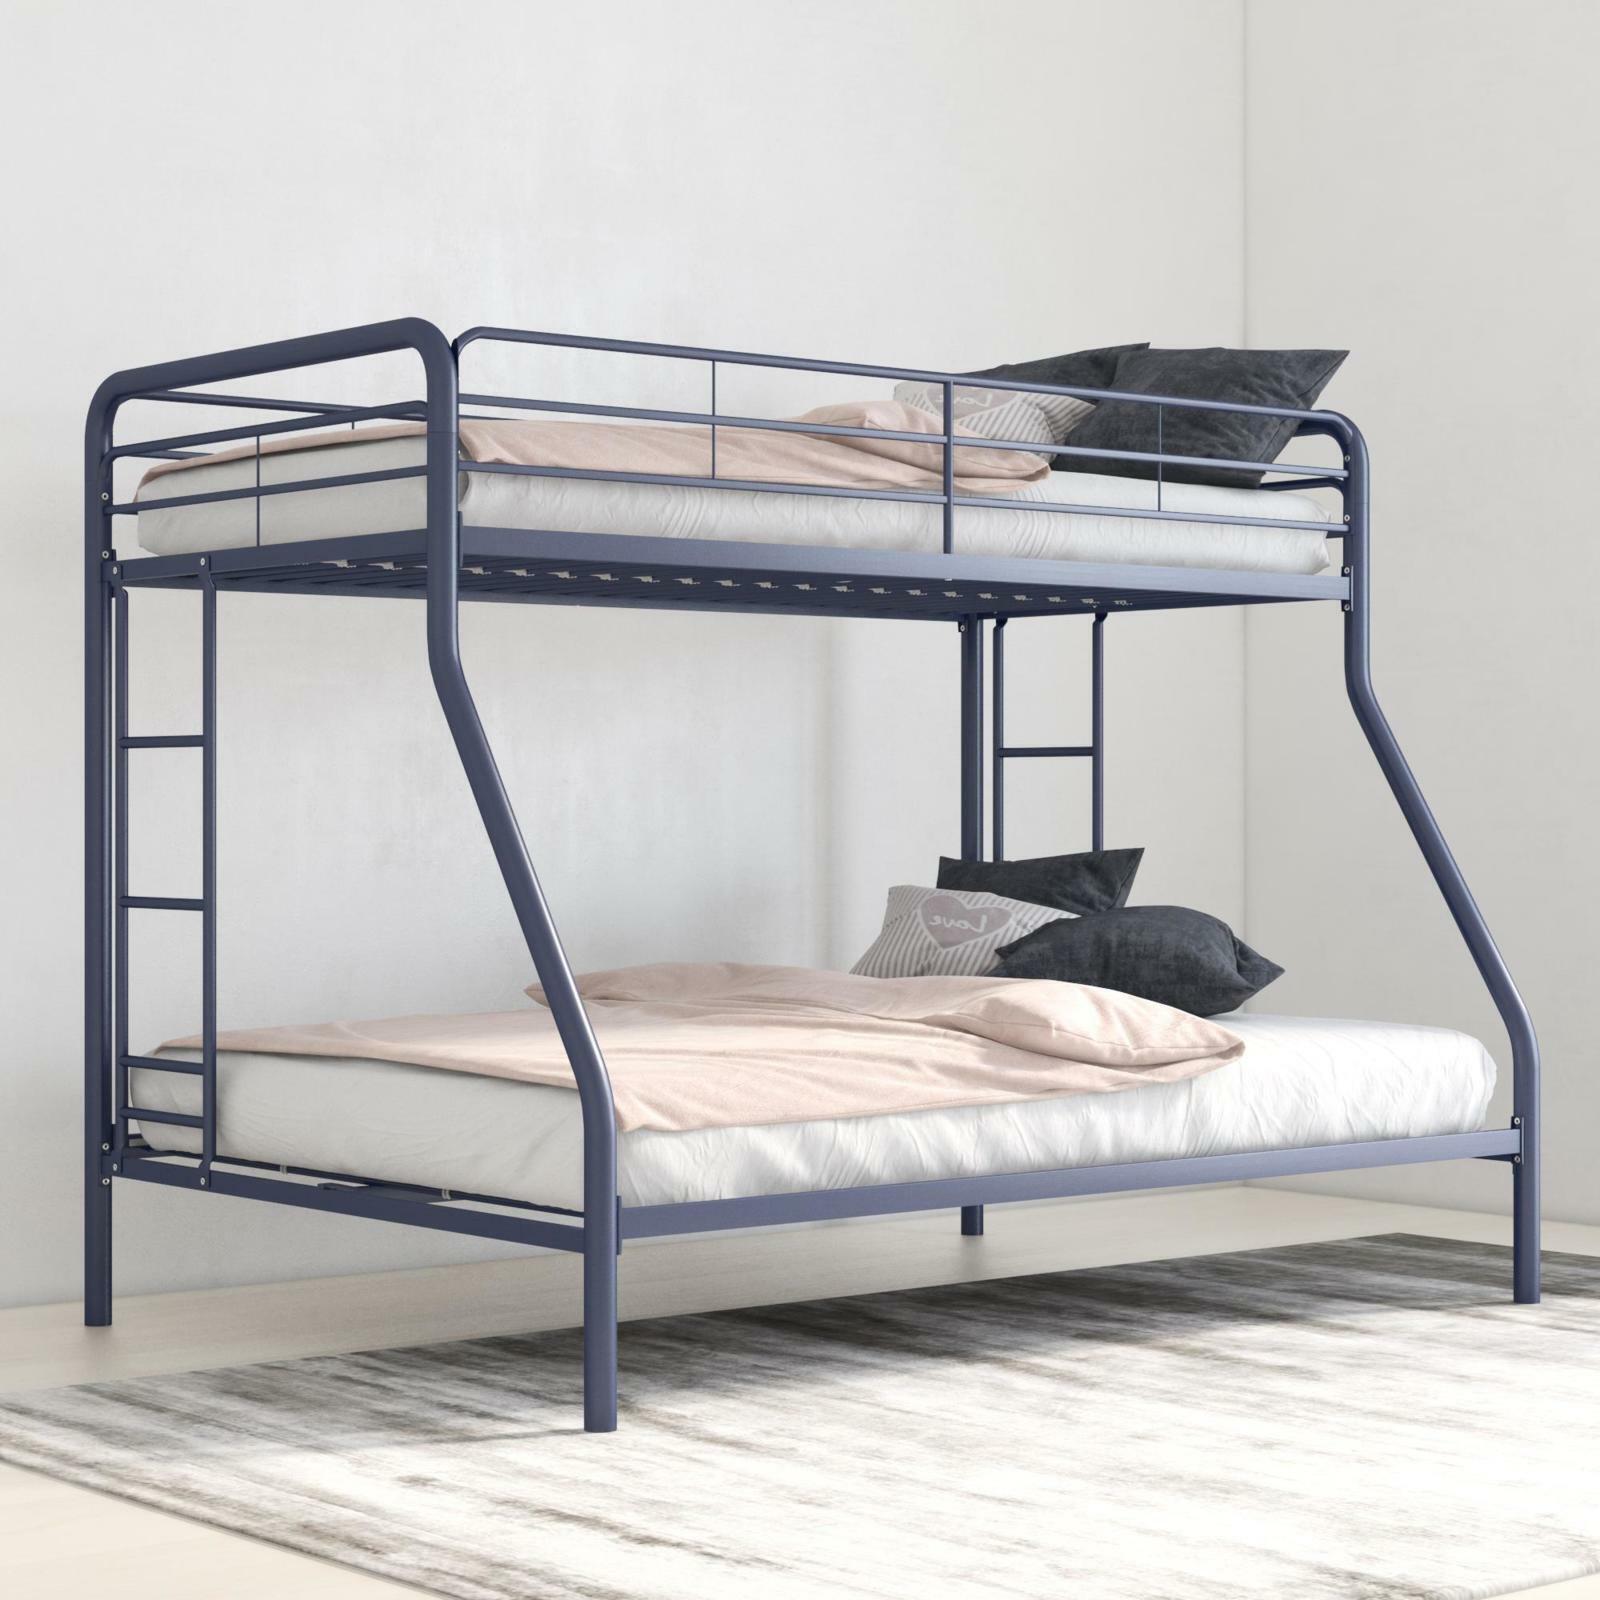 Full Antique Green Metal Bed Frame Rustic Beds Office Furniture Lounge Bedroom For Sale Online Ebay